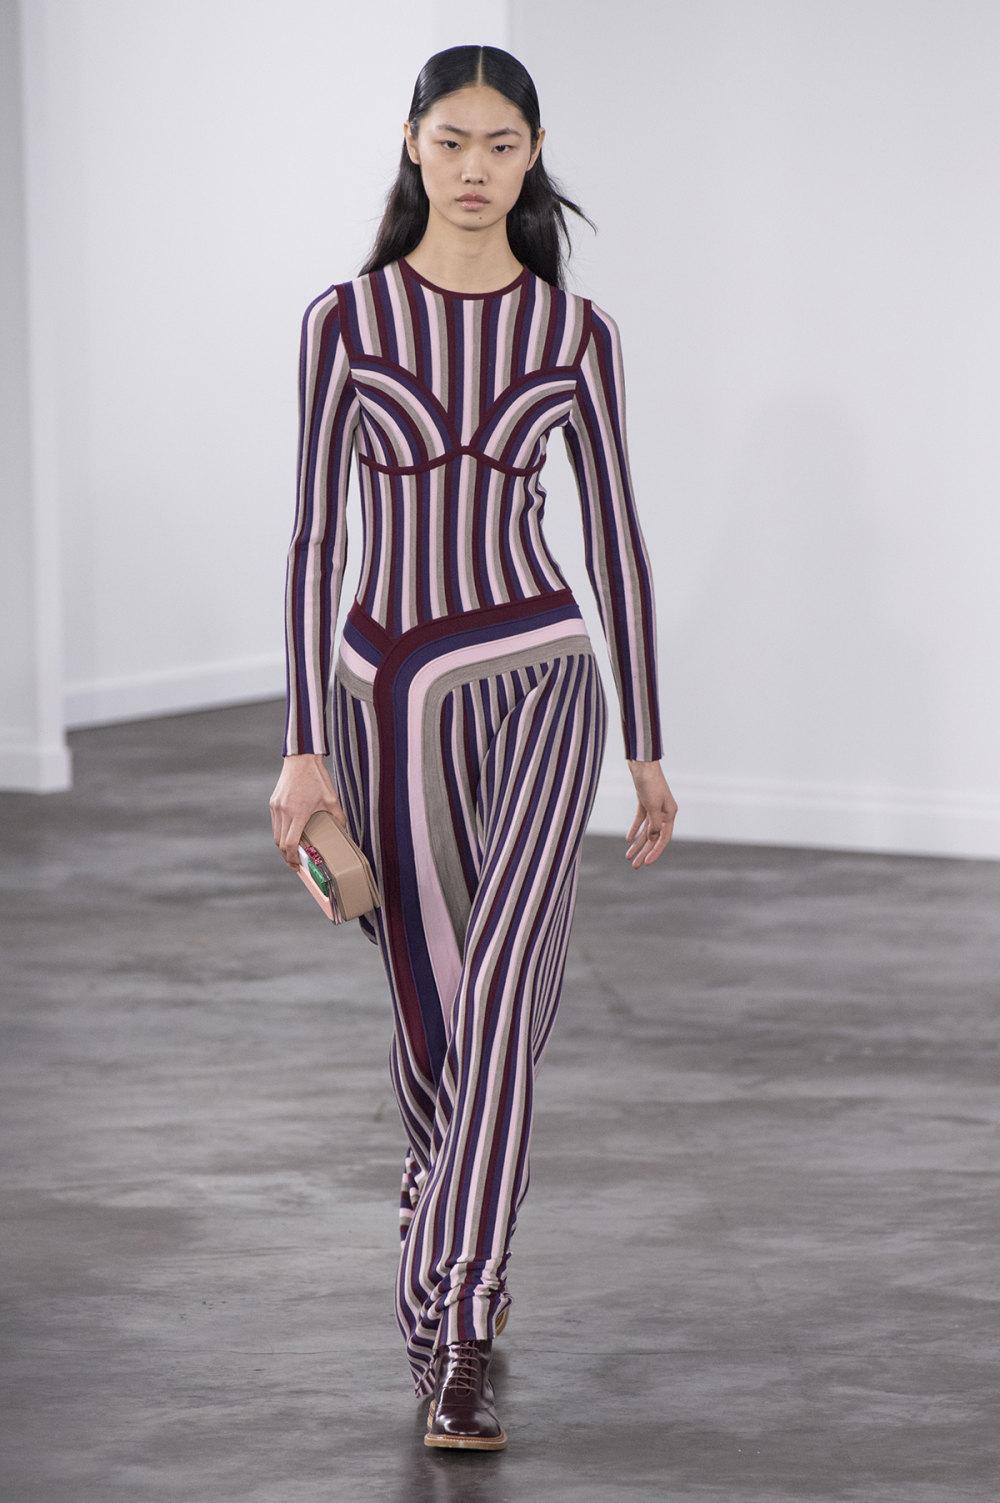 Gabriela Hearst时装系列细条纹西装和宽大毛衣之间形成鲜明对比-28.jpg